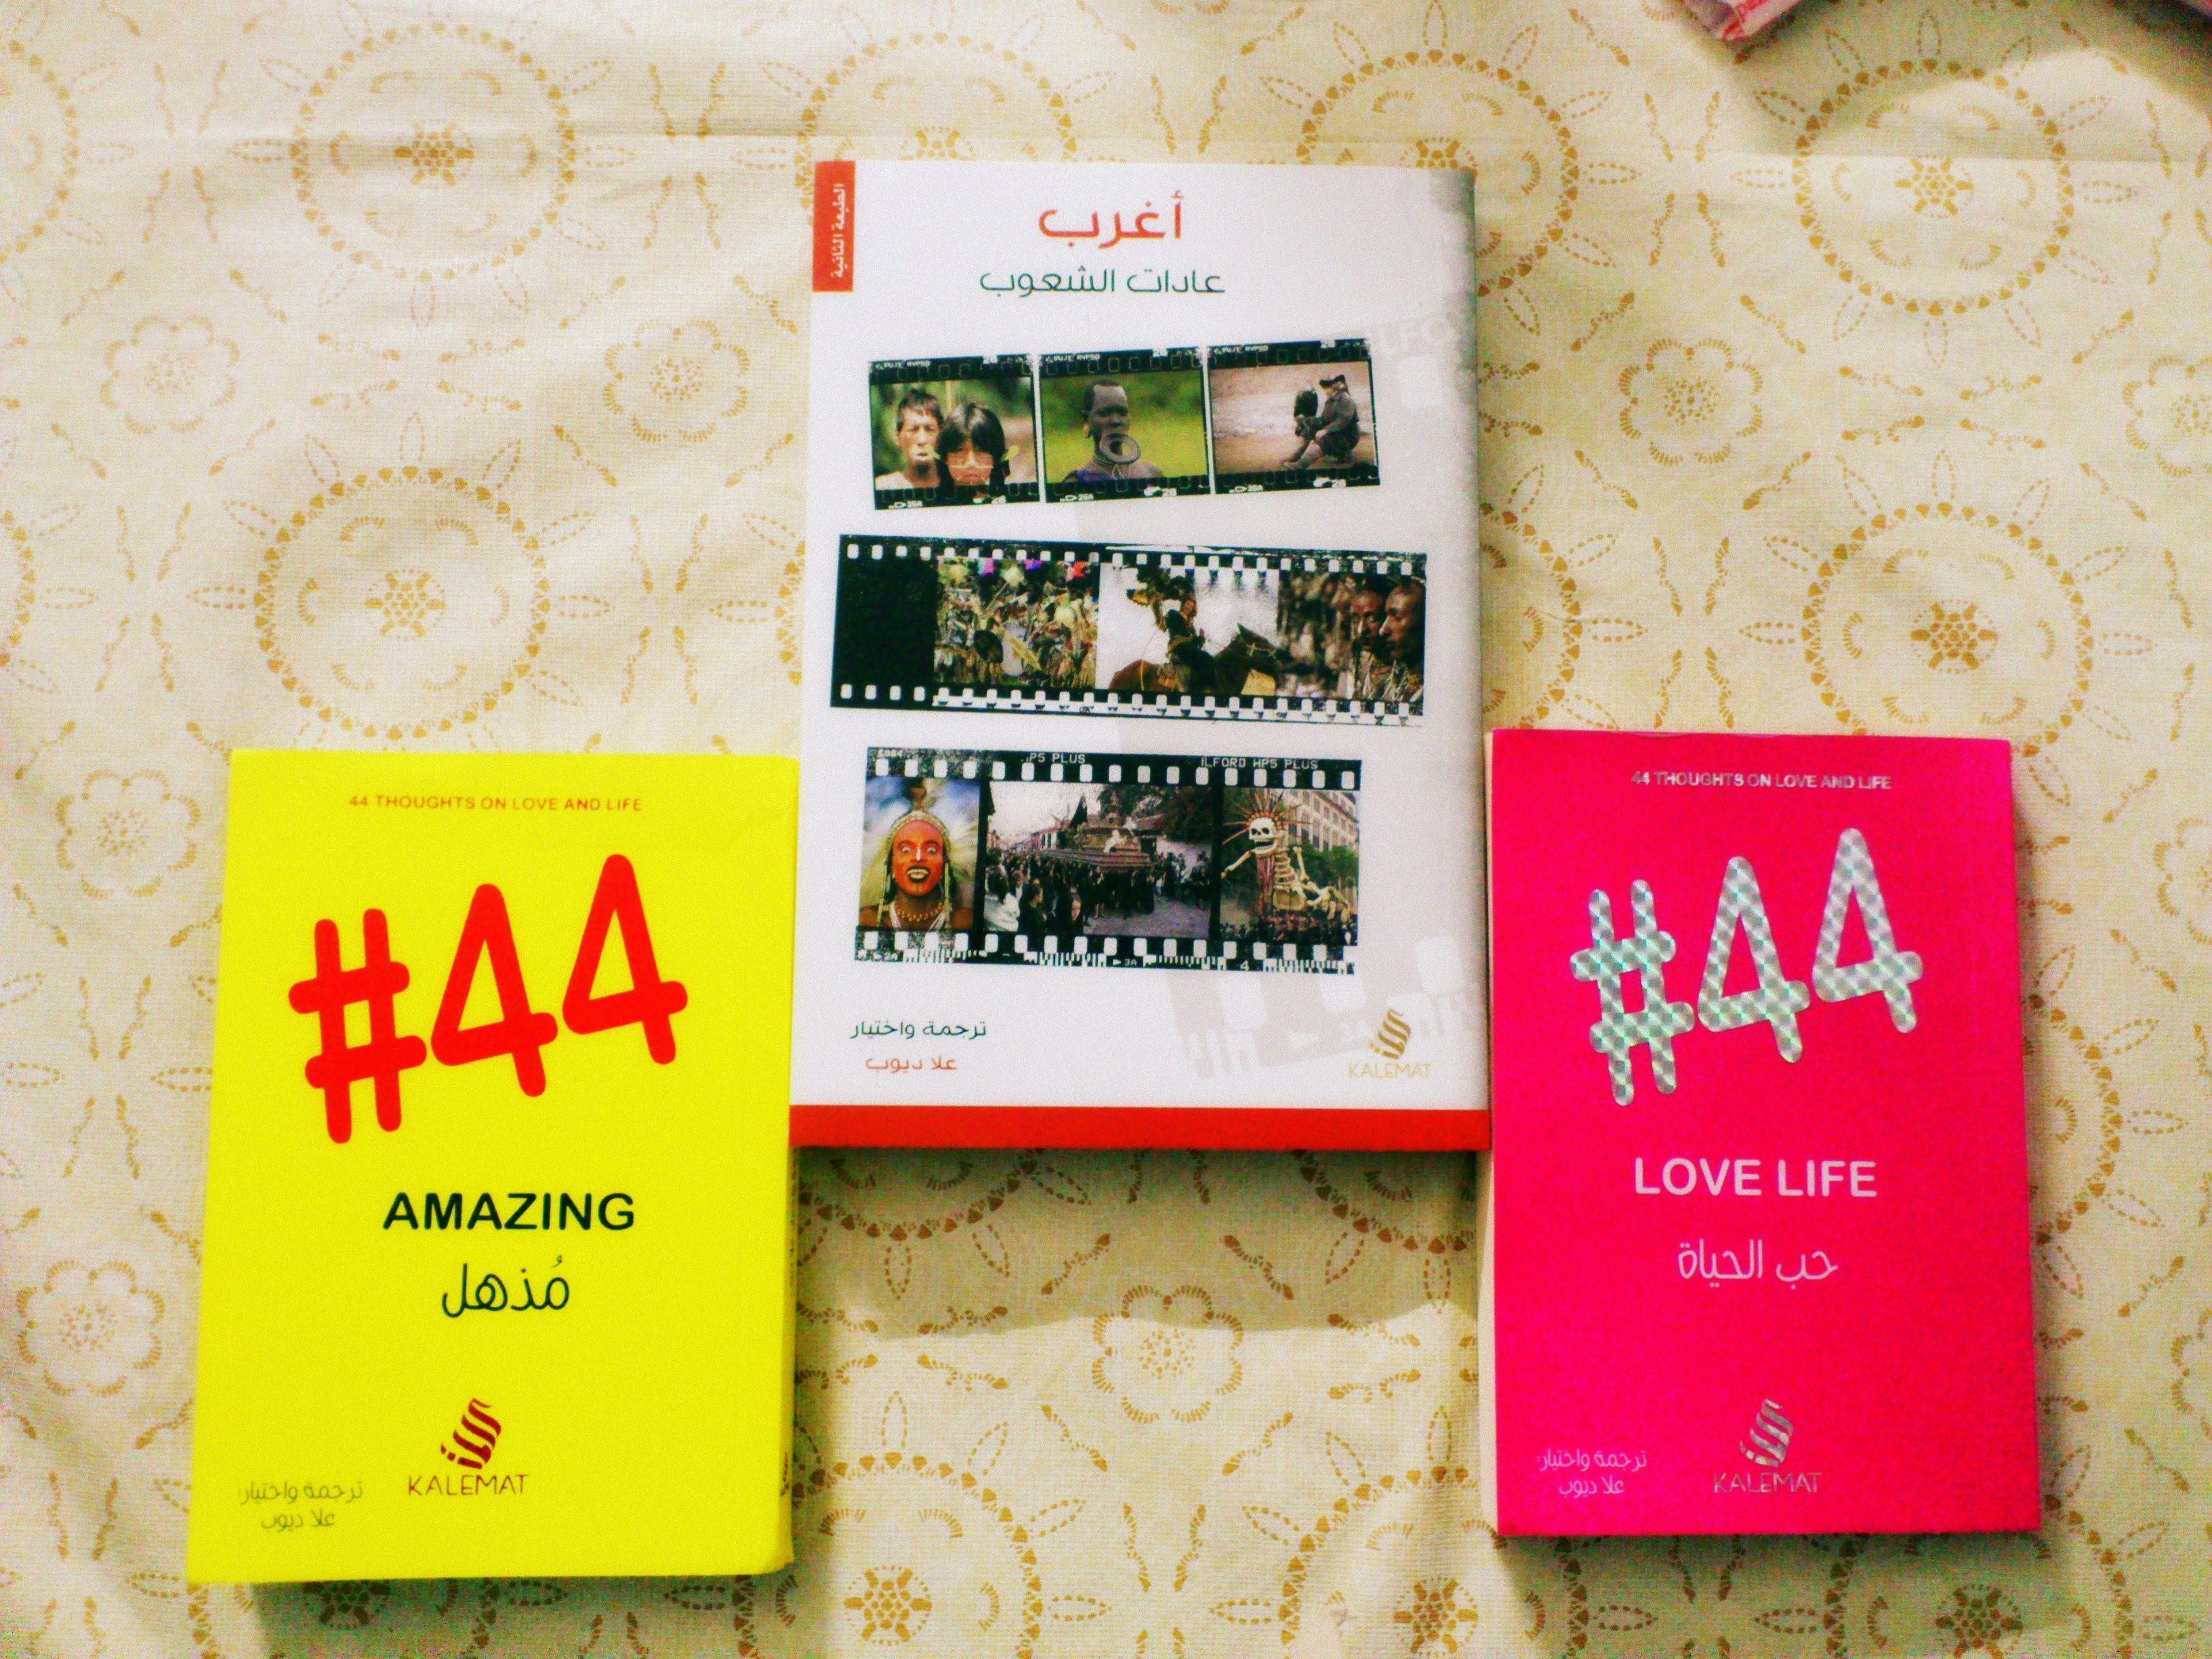 هدية من الزميلة علا ديوب Books Book Cover Love Life